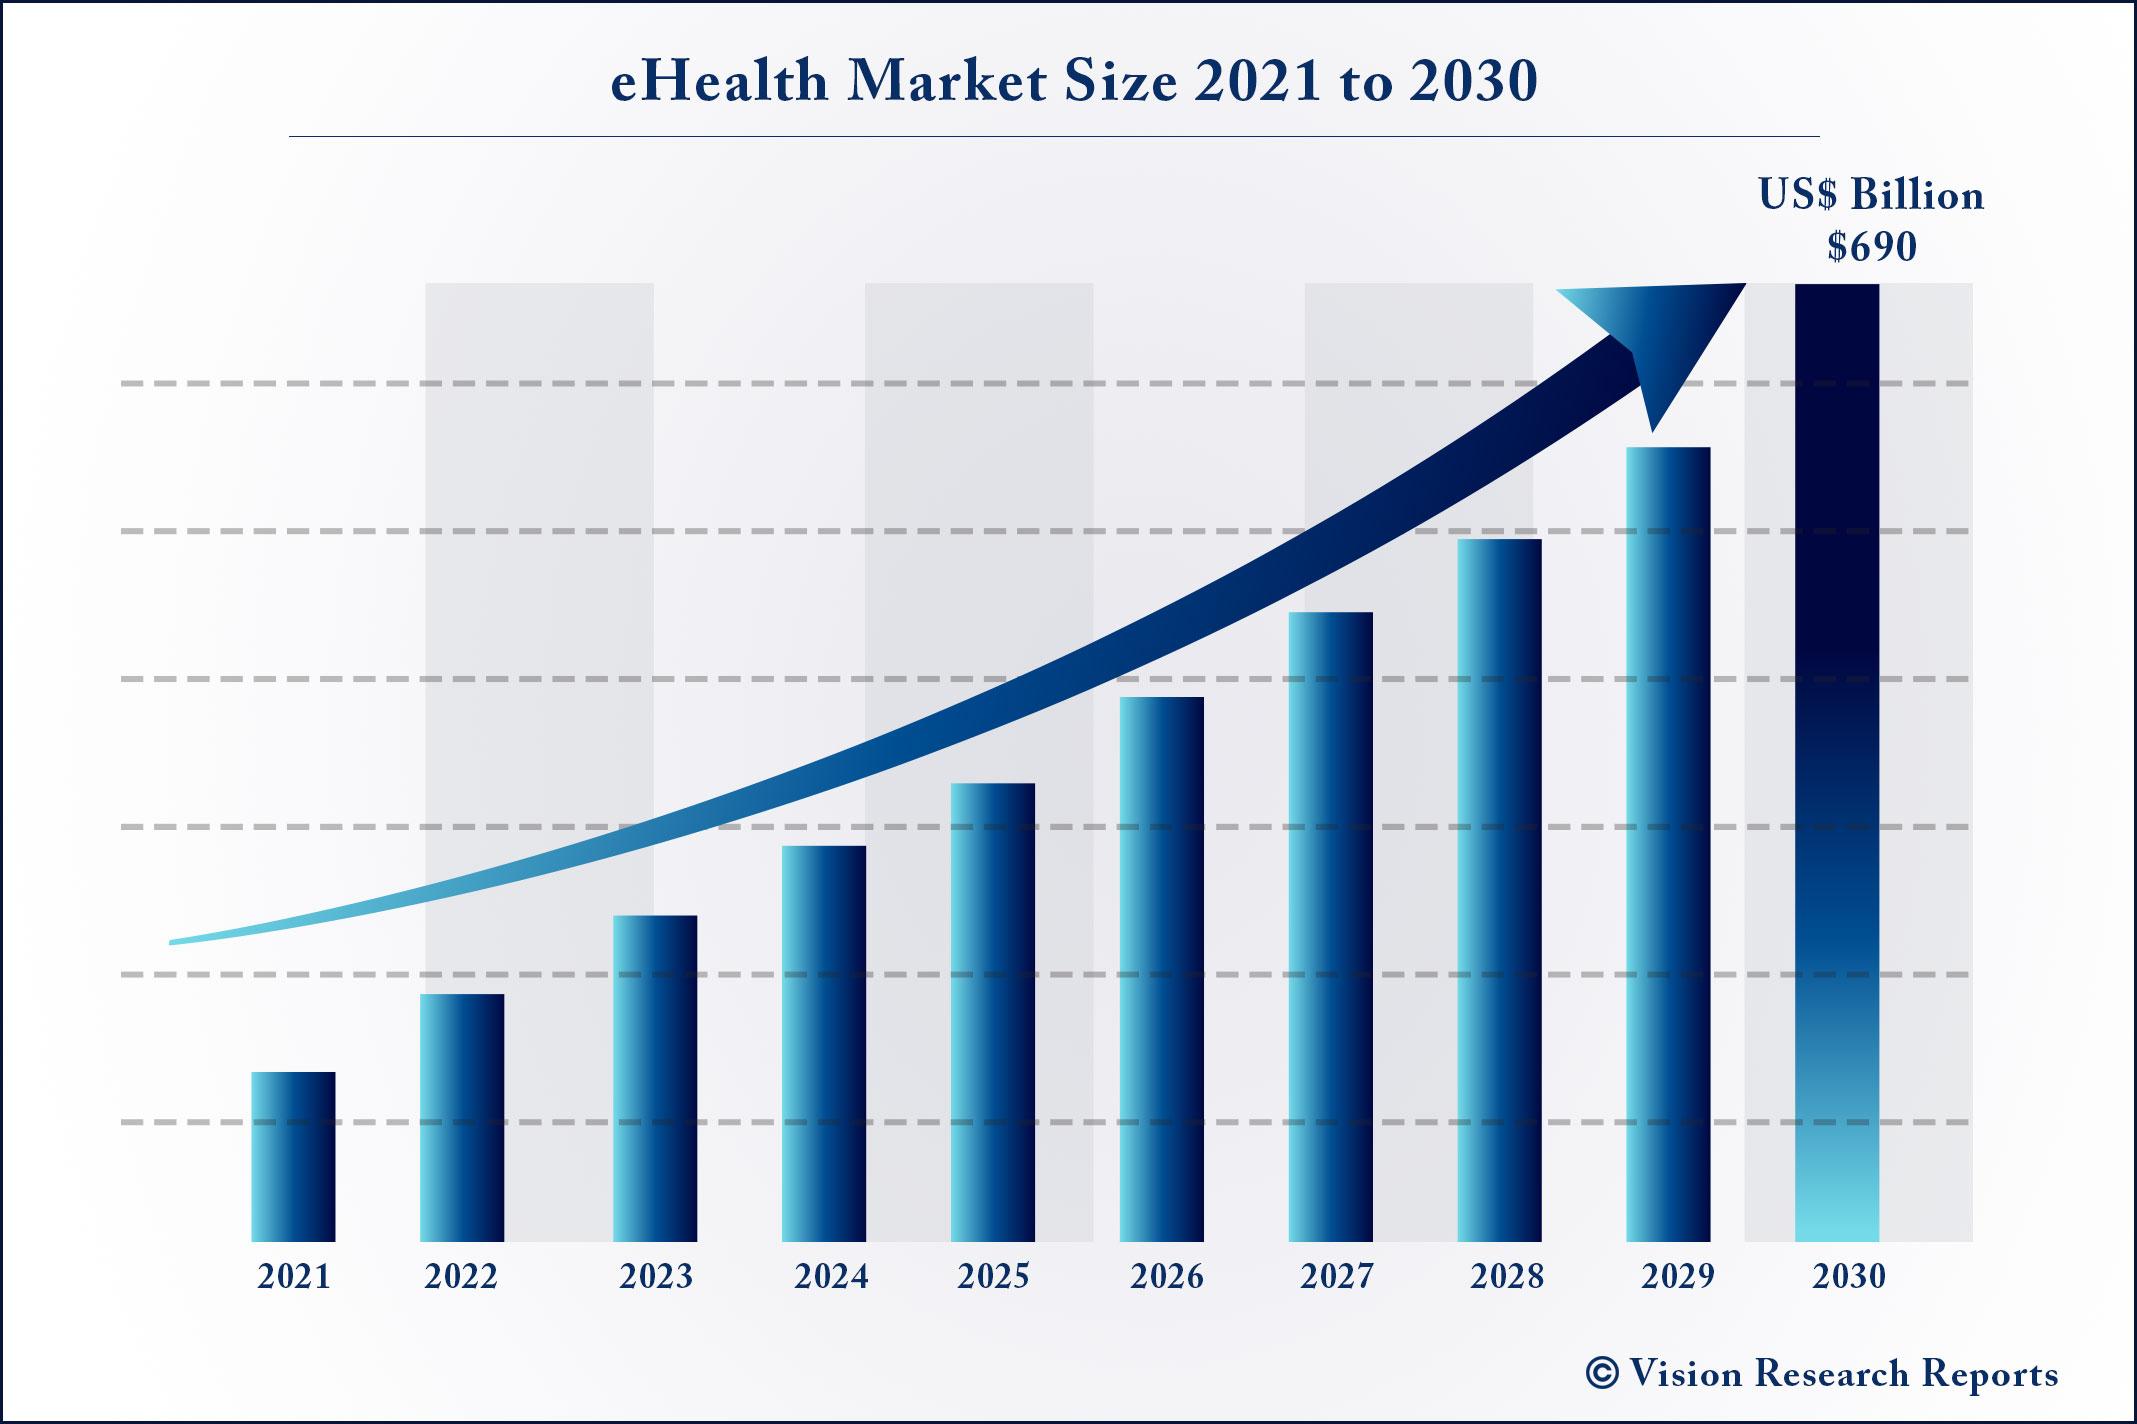 eHealth Market Size 2021 to 2030